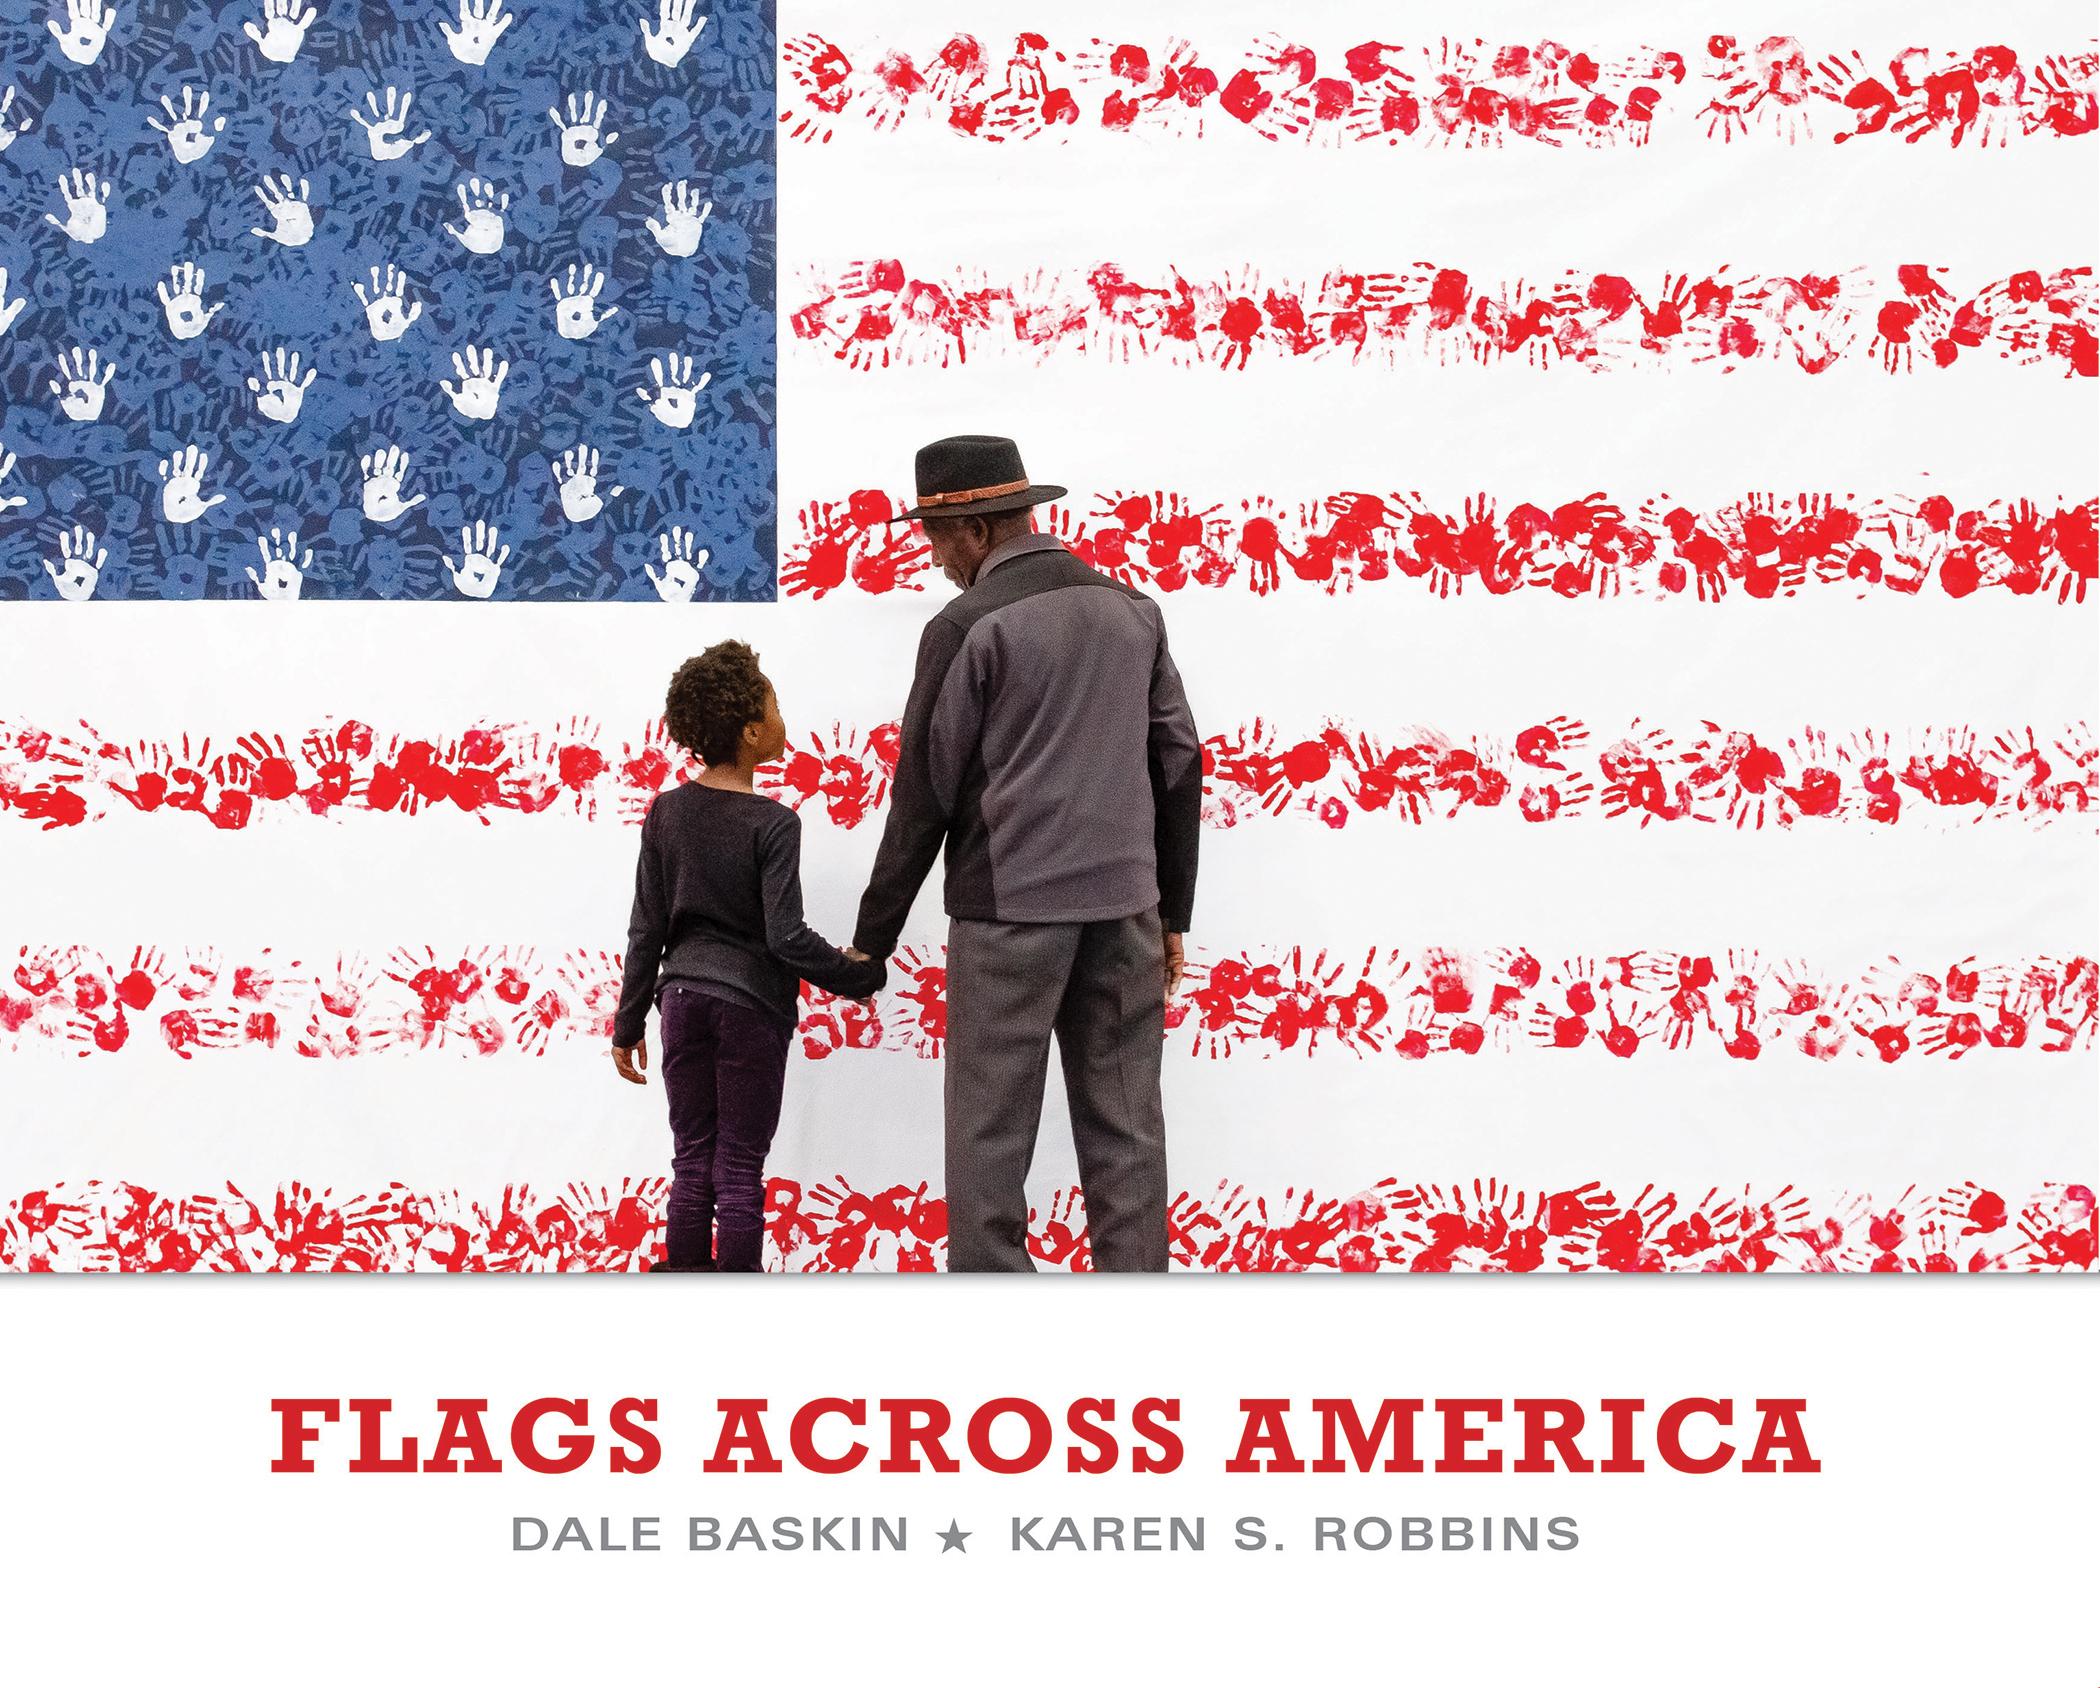 flags_across_america_cover.jpg